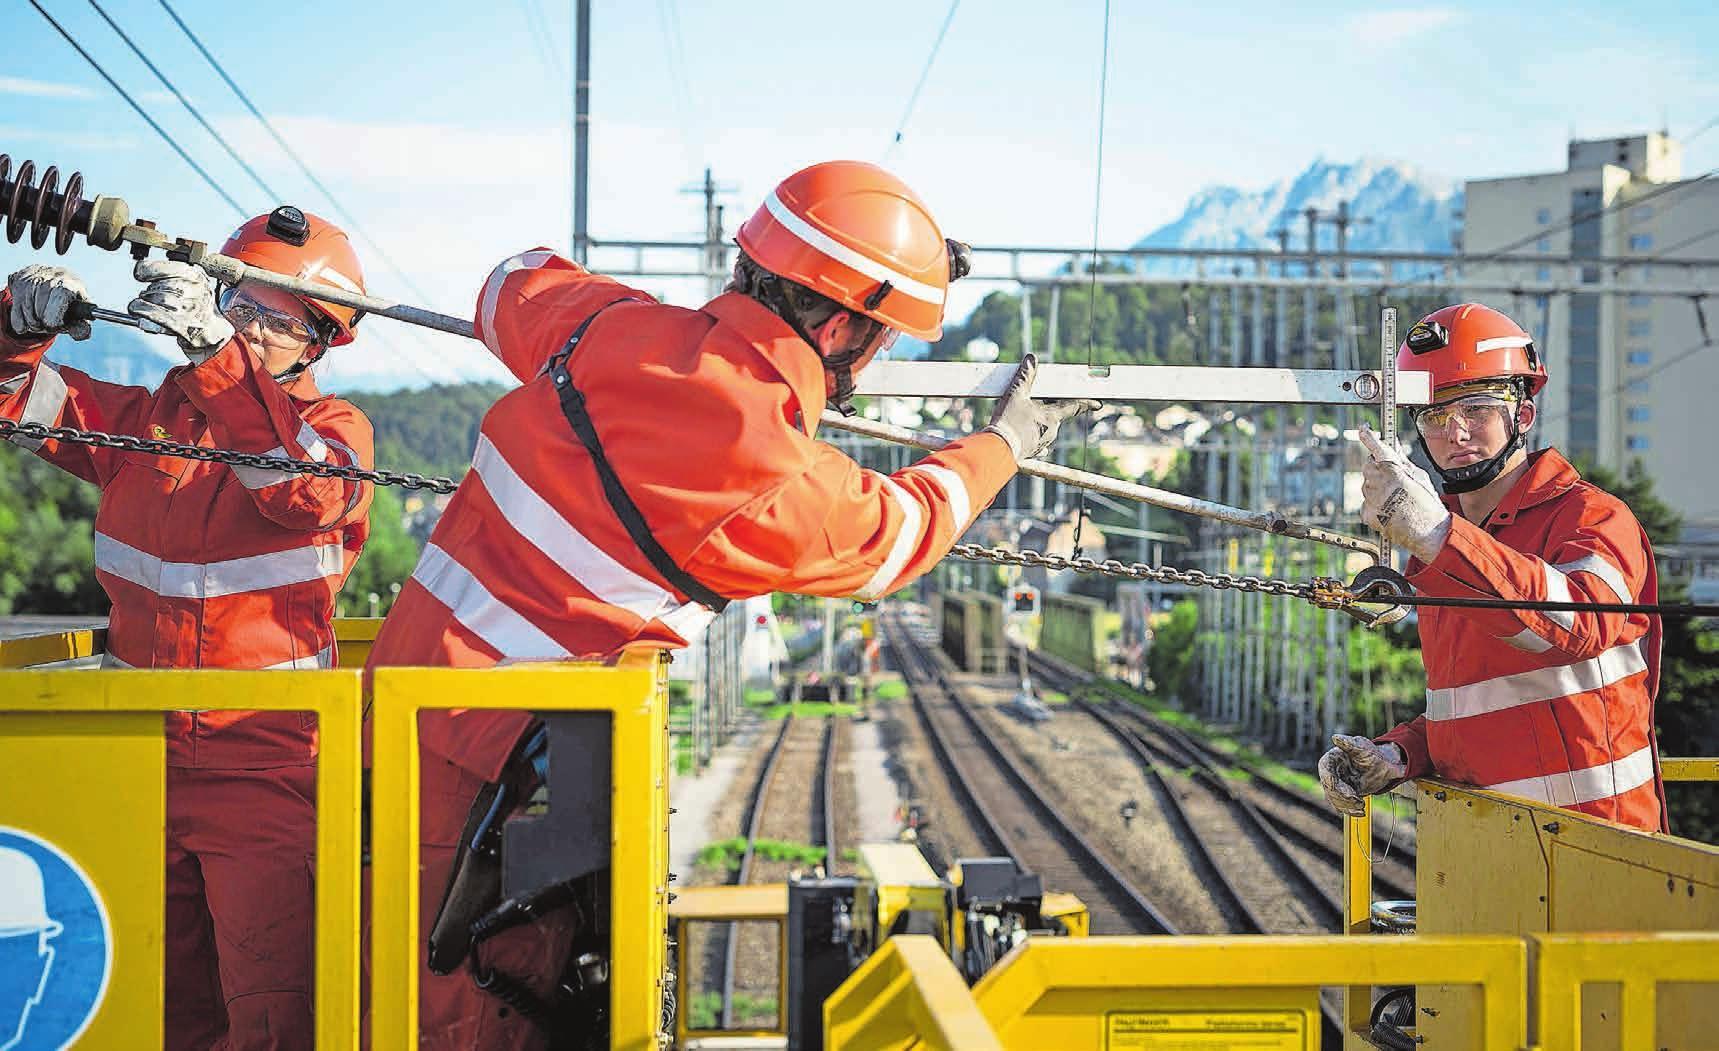 Angehende Netzelektriker bei der Arbeit mit Schienenfahrzeugen. Bild: zvg